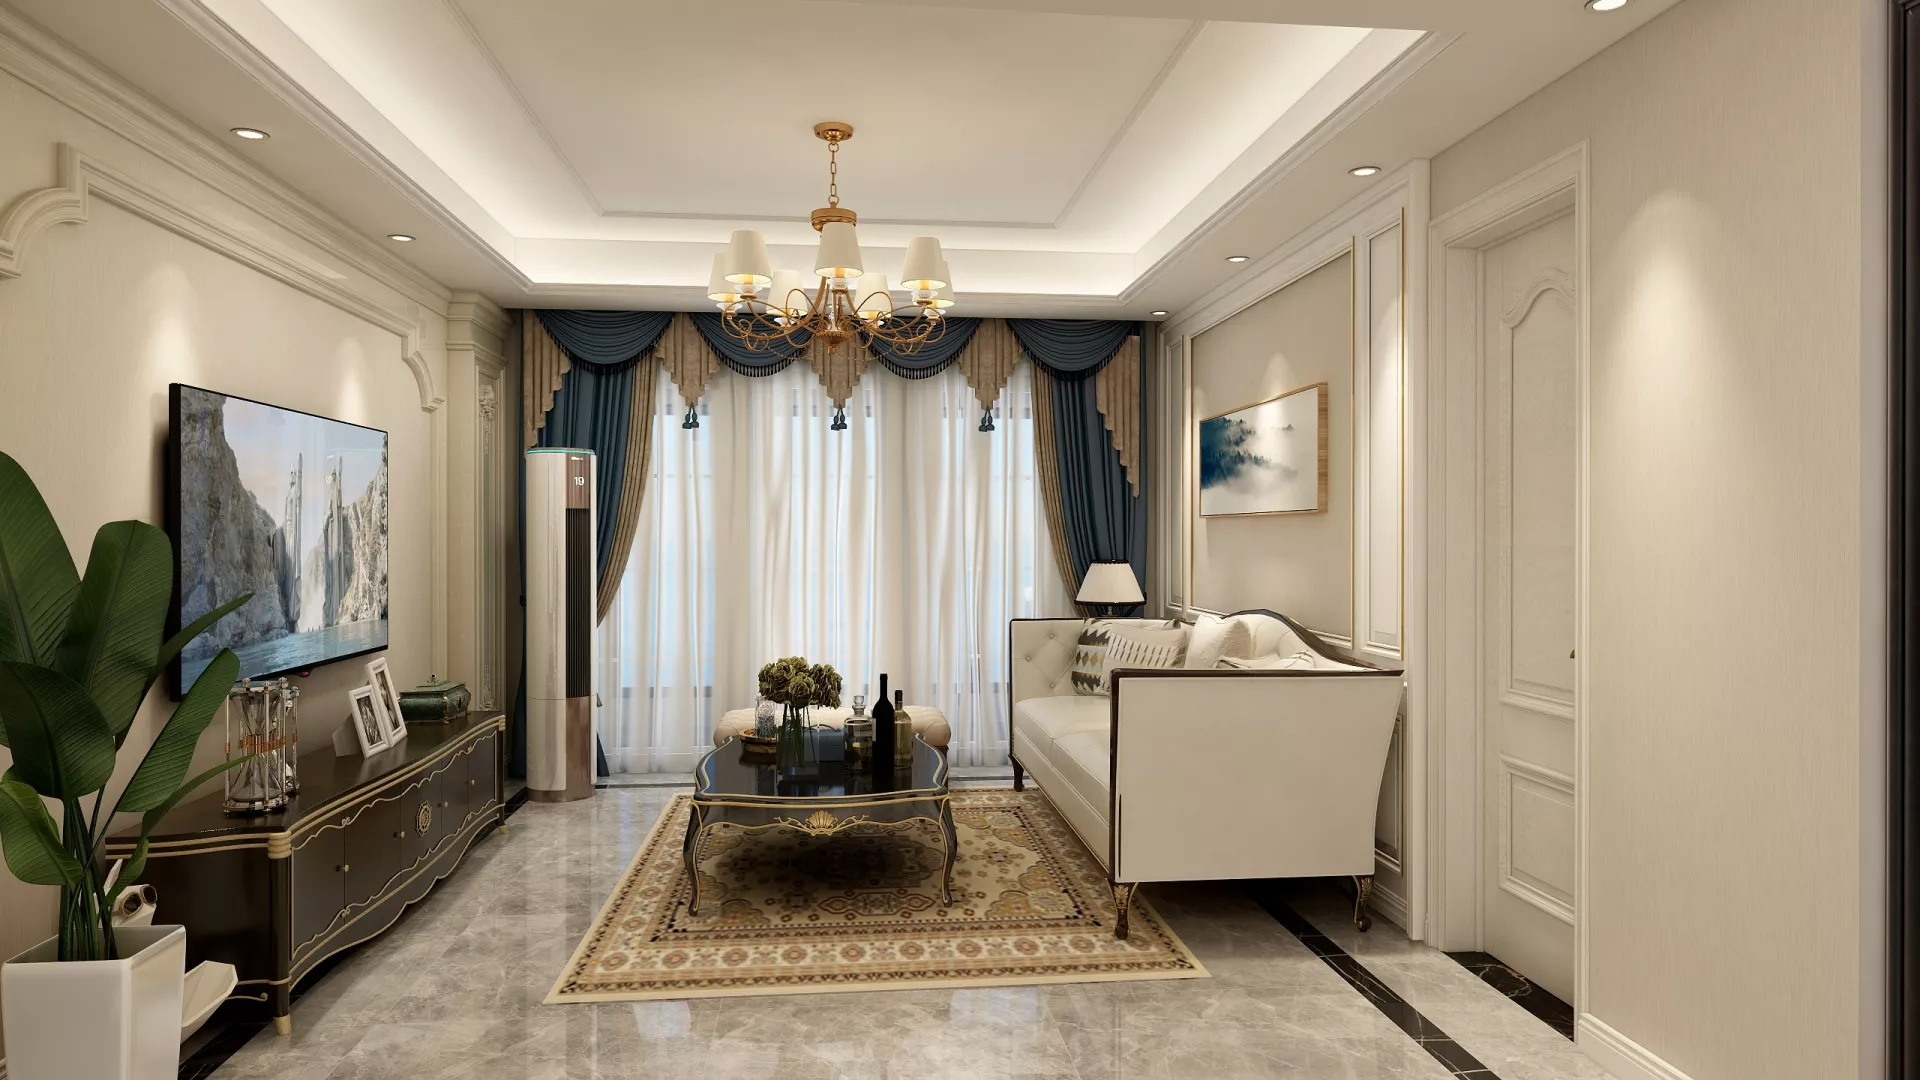 客厅隔断墙材质 客厅隔断墙设计方案